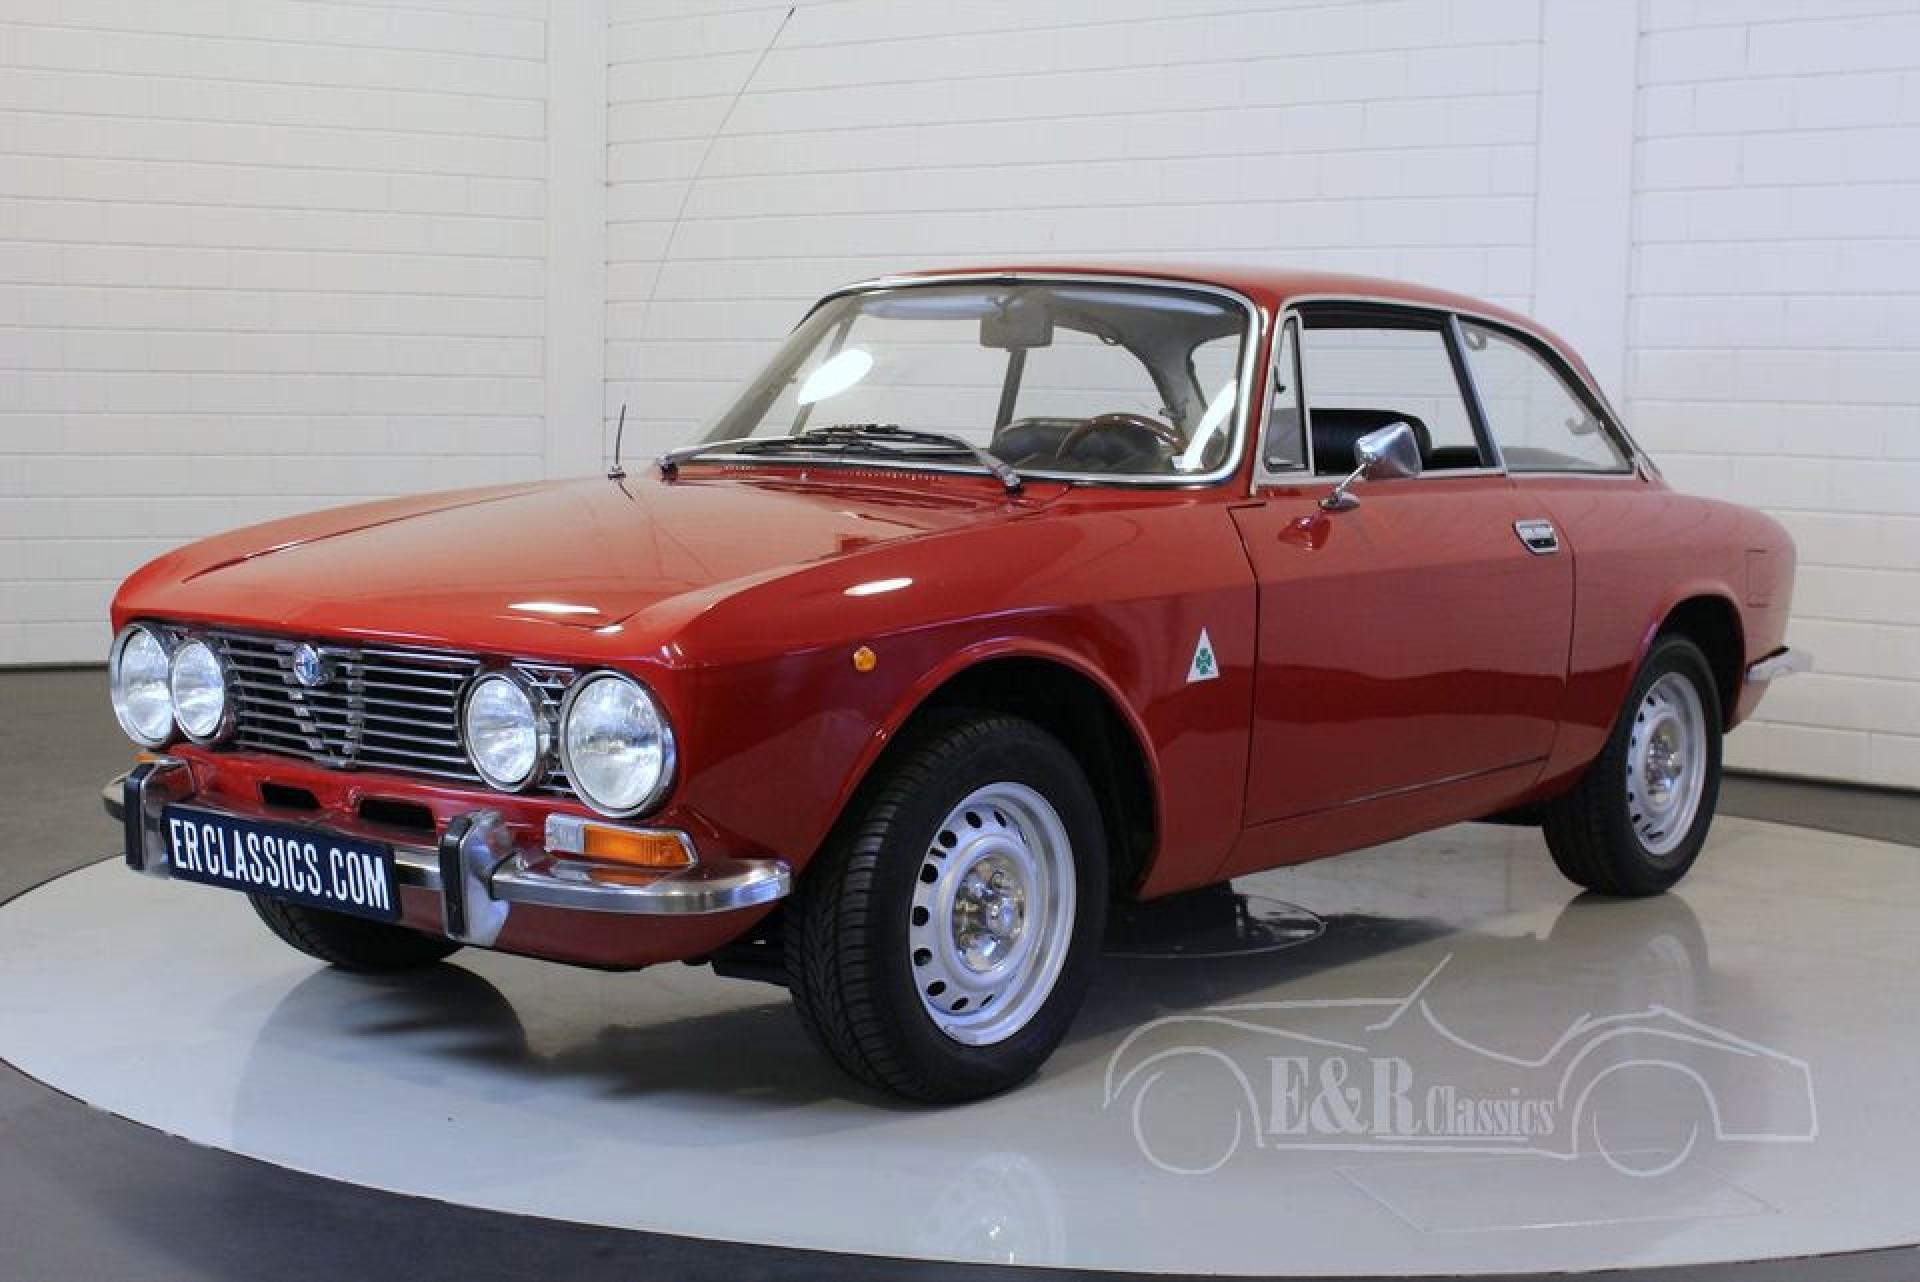 Alfa romeo 2000 gt 1972 vendre erclassics - Alfa romeo coupe bertone 2000 a vendre ...